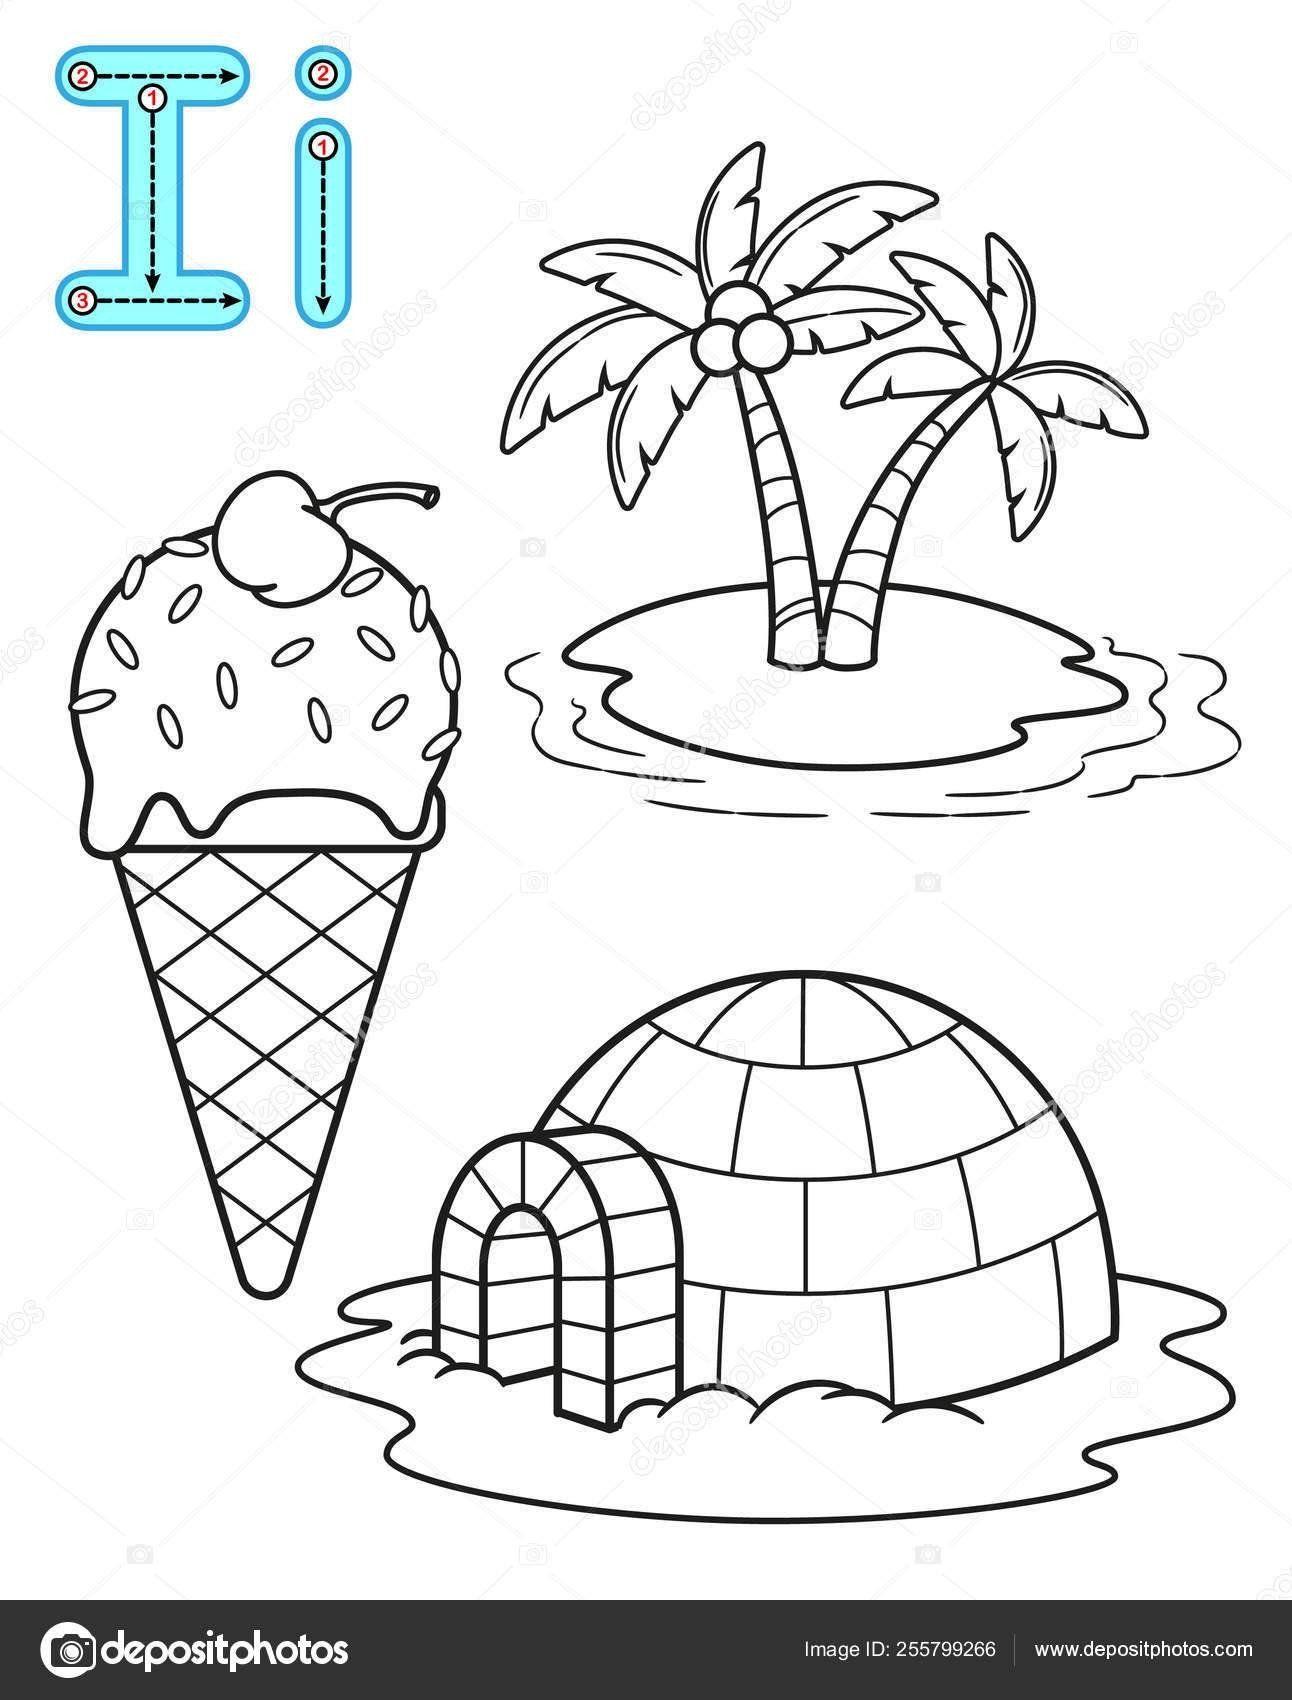 Ice Cream Coloring Pages Fresh Ice Cream Cones Coloring Pages Ice Cream Coloring Pages Coloring Pages Preschool Coloring Pages